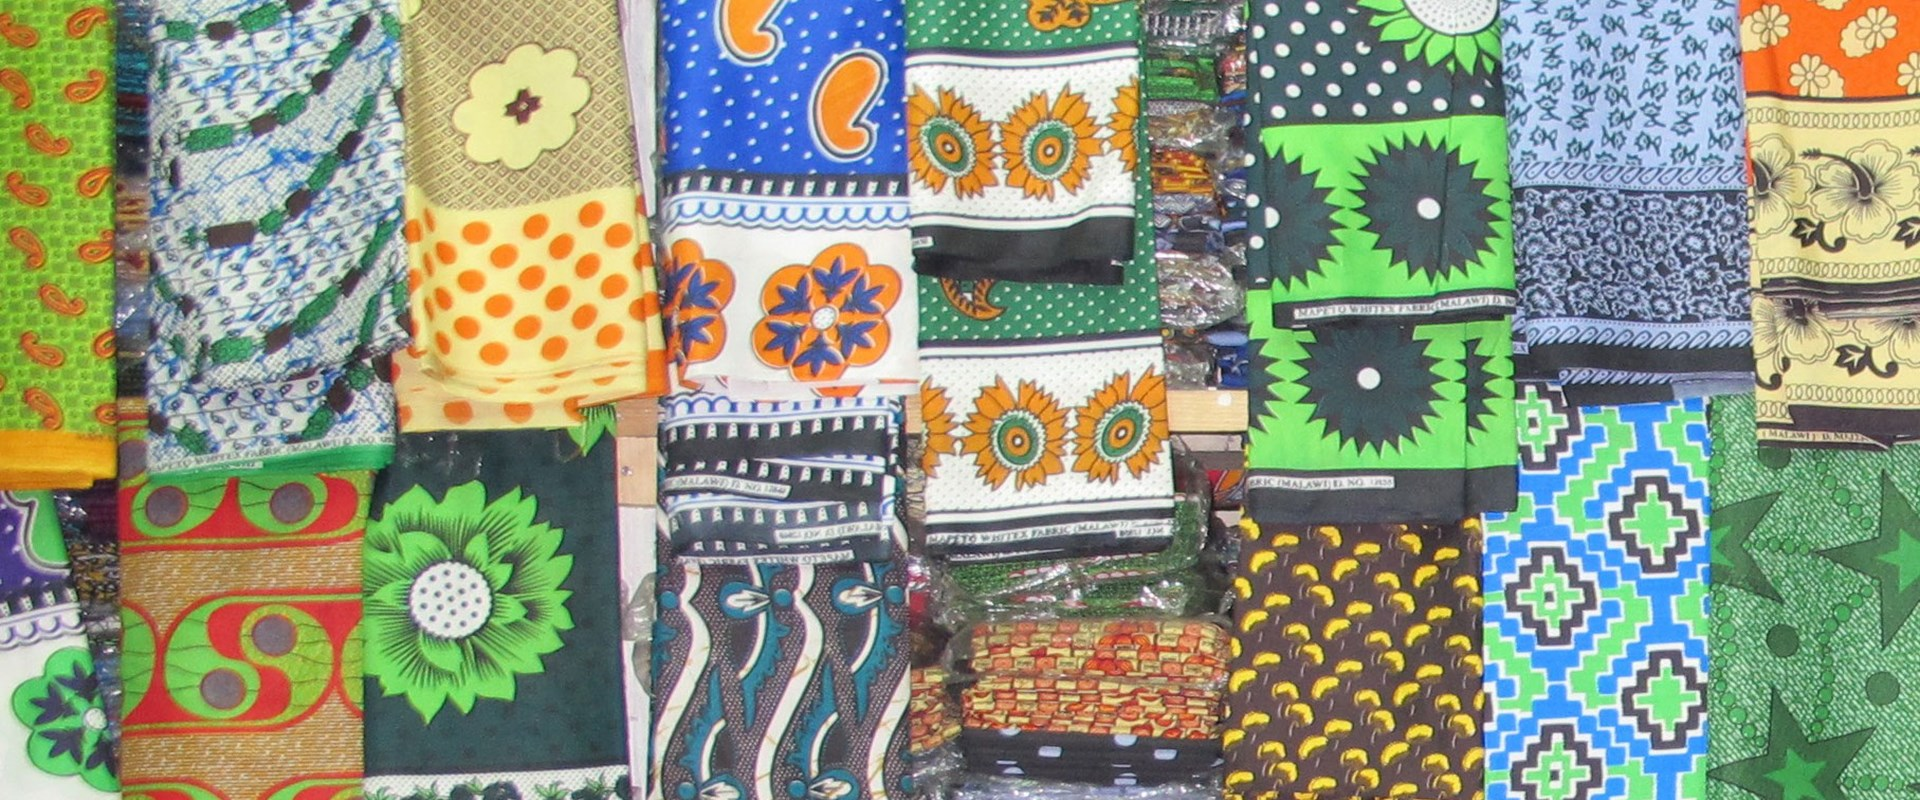 portrait cloths from malawi